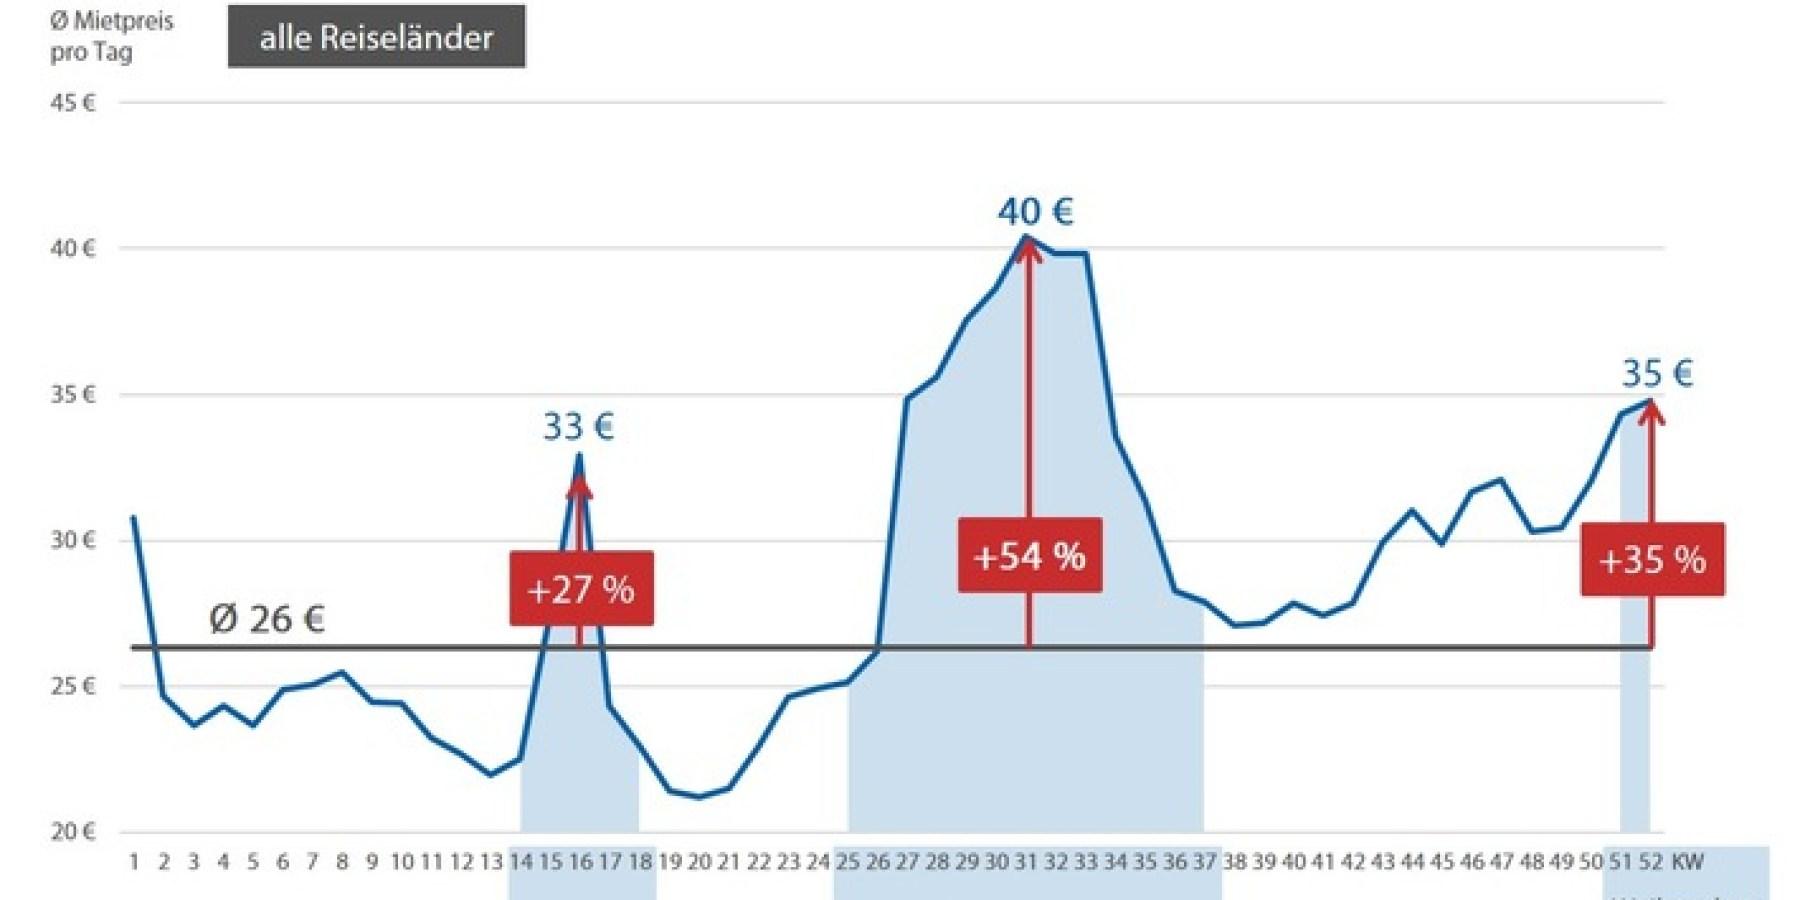 Preise für Mietwagen steigen im Schnitt um bis zu 54 Prozent